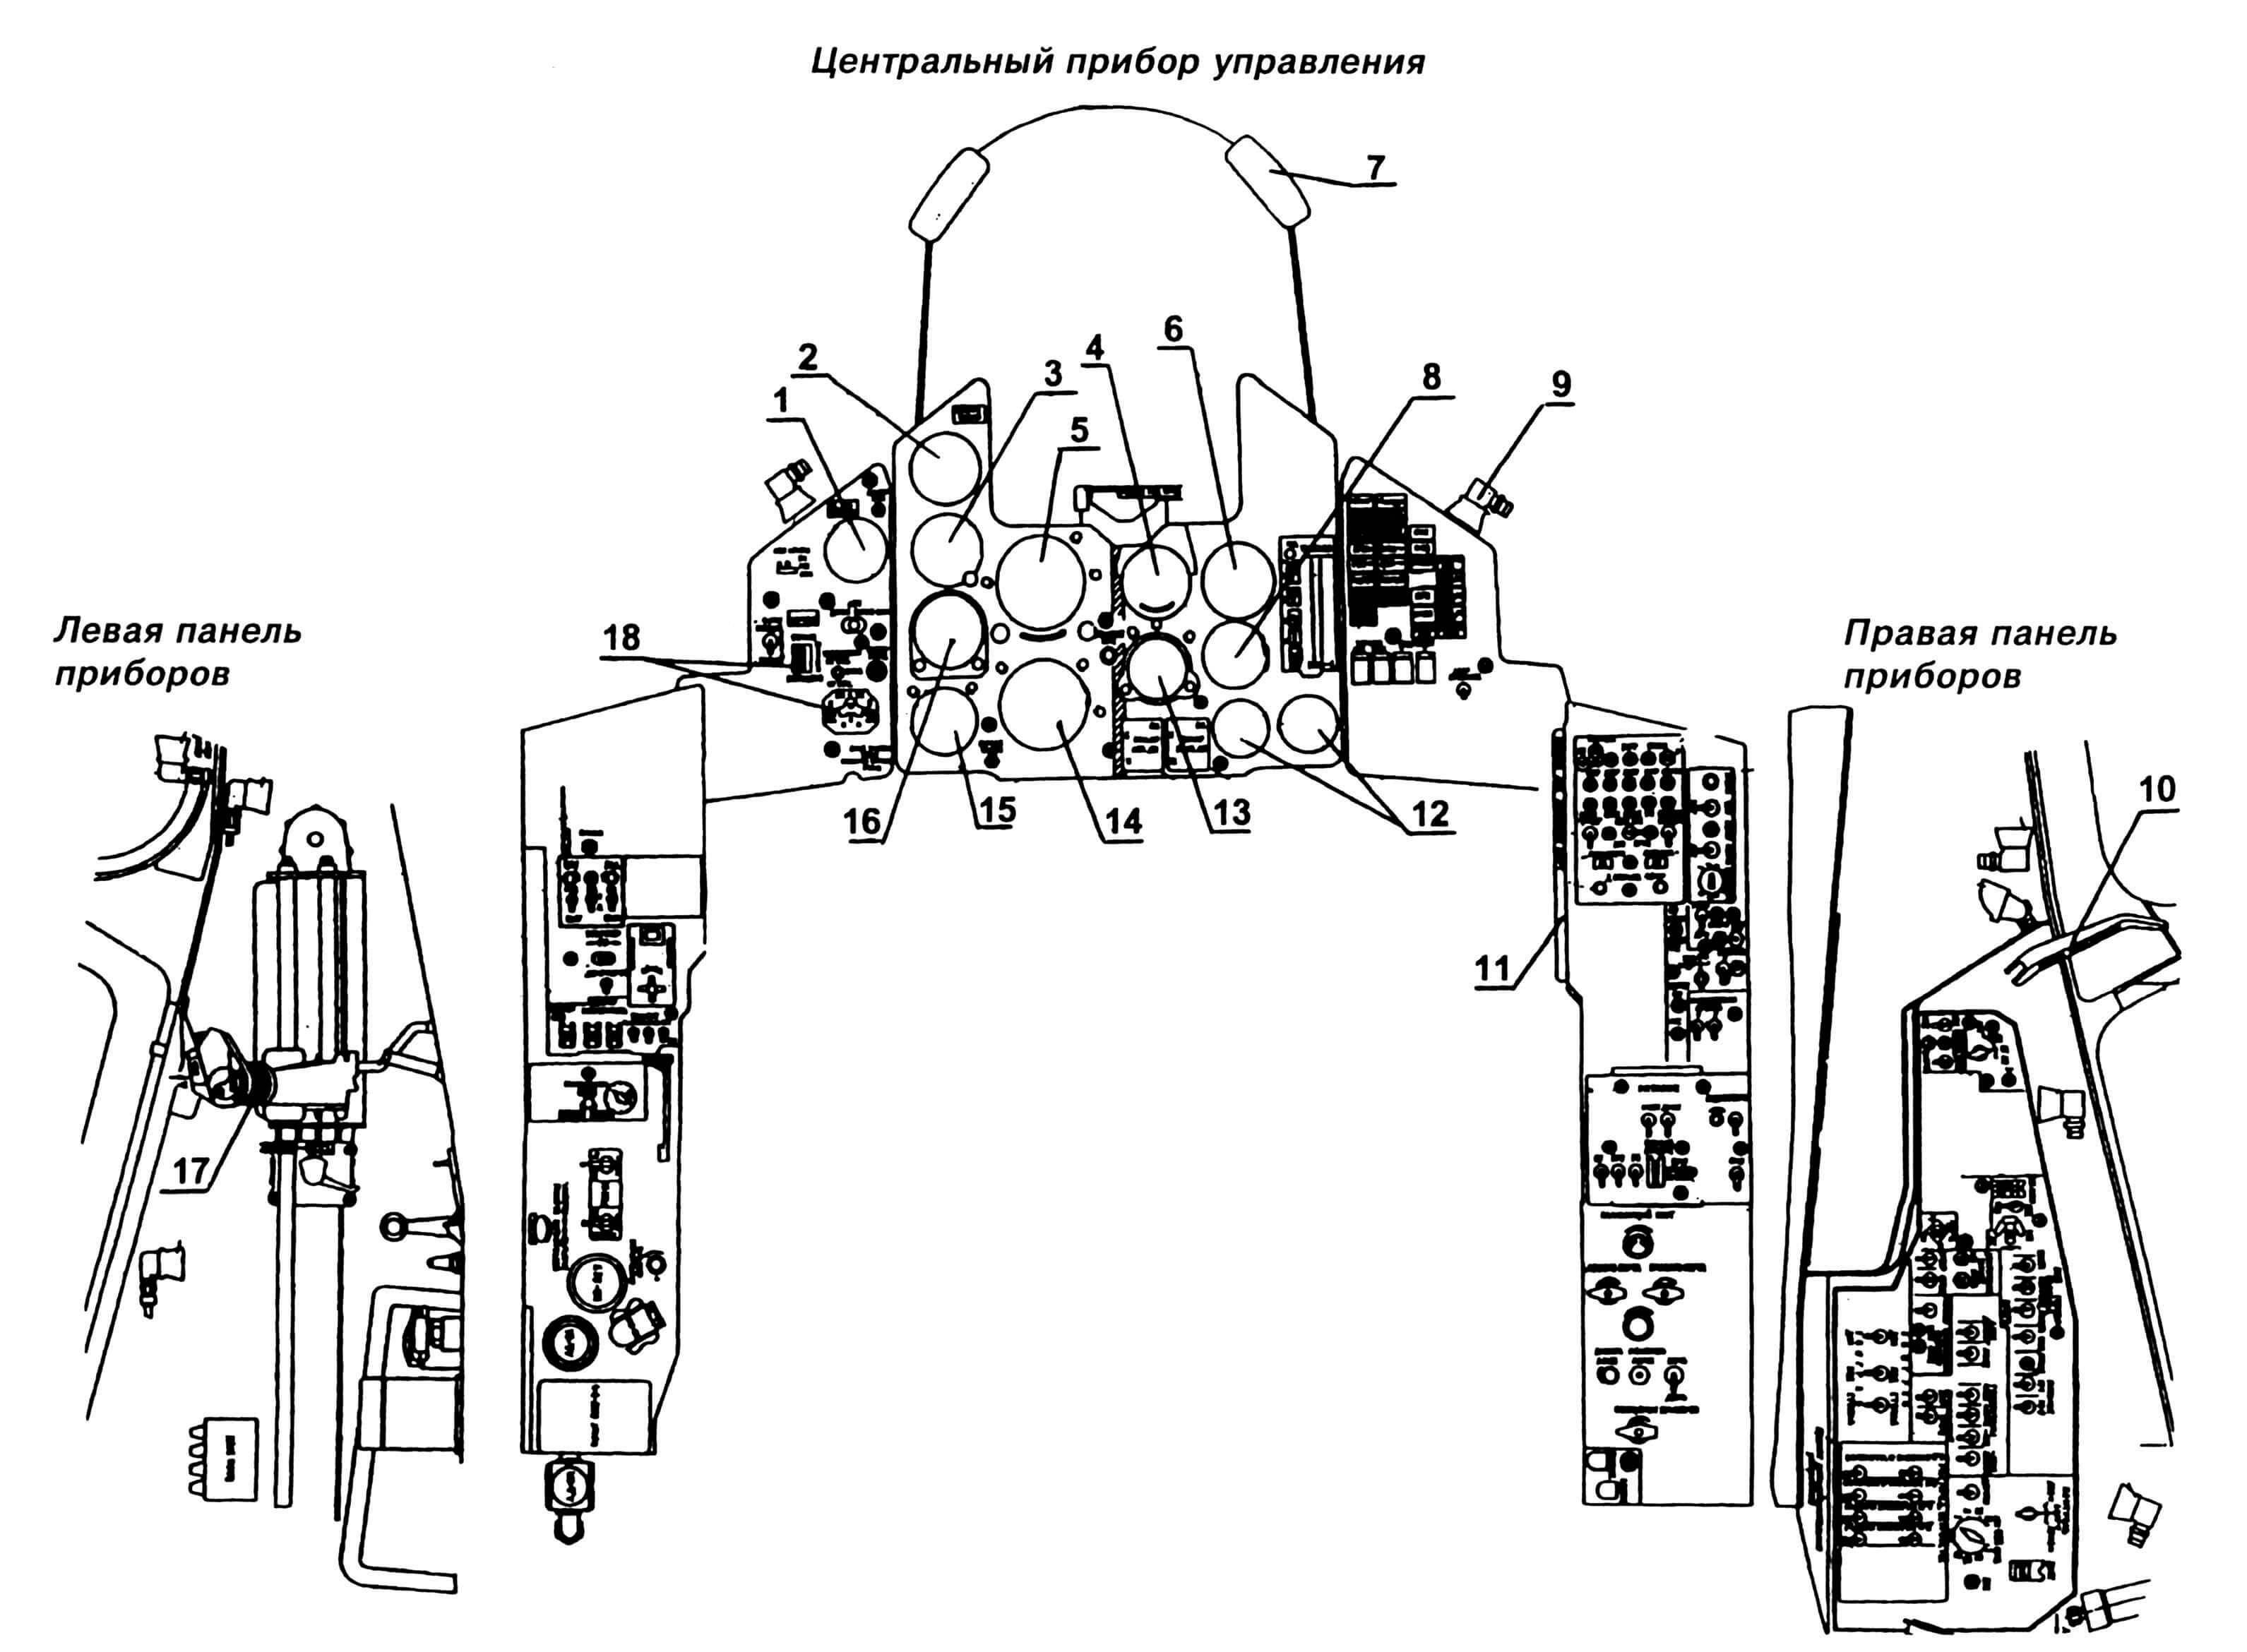 Панели приборов пилотской кабины: 1— указатель углов атаки и перегрузки УАП-4-7; 2 — указатель скорости КУС-2; 3 — указатель высоты УВ-75; 4 — прибор совмещенный ДА-200П; 5 — прибор командно-пилотажный КПП-2ТК-2; 6 — указатель числа «М» МС-1 А; 7 — зеркало заднего обзора; 8 — указатель числа оборотов двигателей ИТЭ-2ТК-2; 9 — прибор осветительный; 10 — рычаг автономного сброса фонаря; 11 — карман для хранения карт; 12 — индикаторы температуры газов за турбинами двигателей ИТГ-1; 13 — часы АЧС-1М; 14 — прибор навигационный плановый ПНП-72-12; 15 — прибор, показывающий дальность ППД-2; 16 — радиовысотомер; 17 — рычаг управления двигателями; 18 — указатели положения шасси.